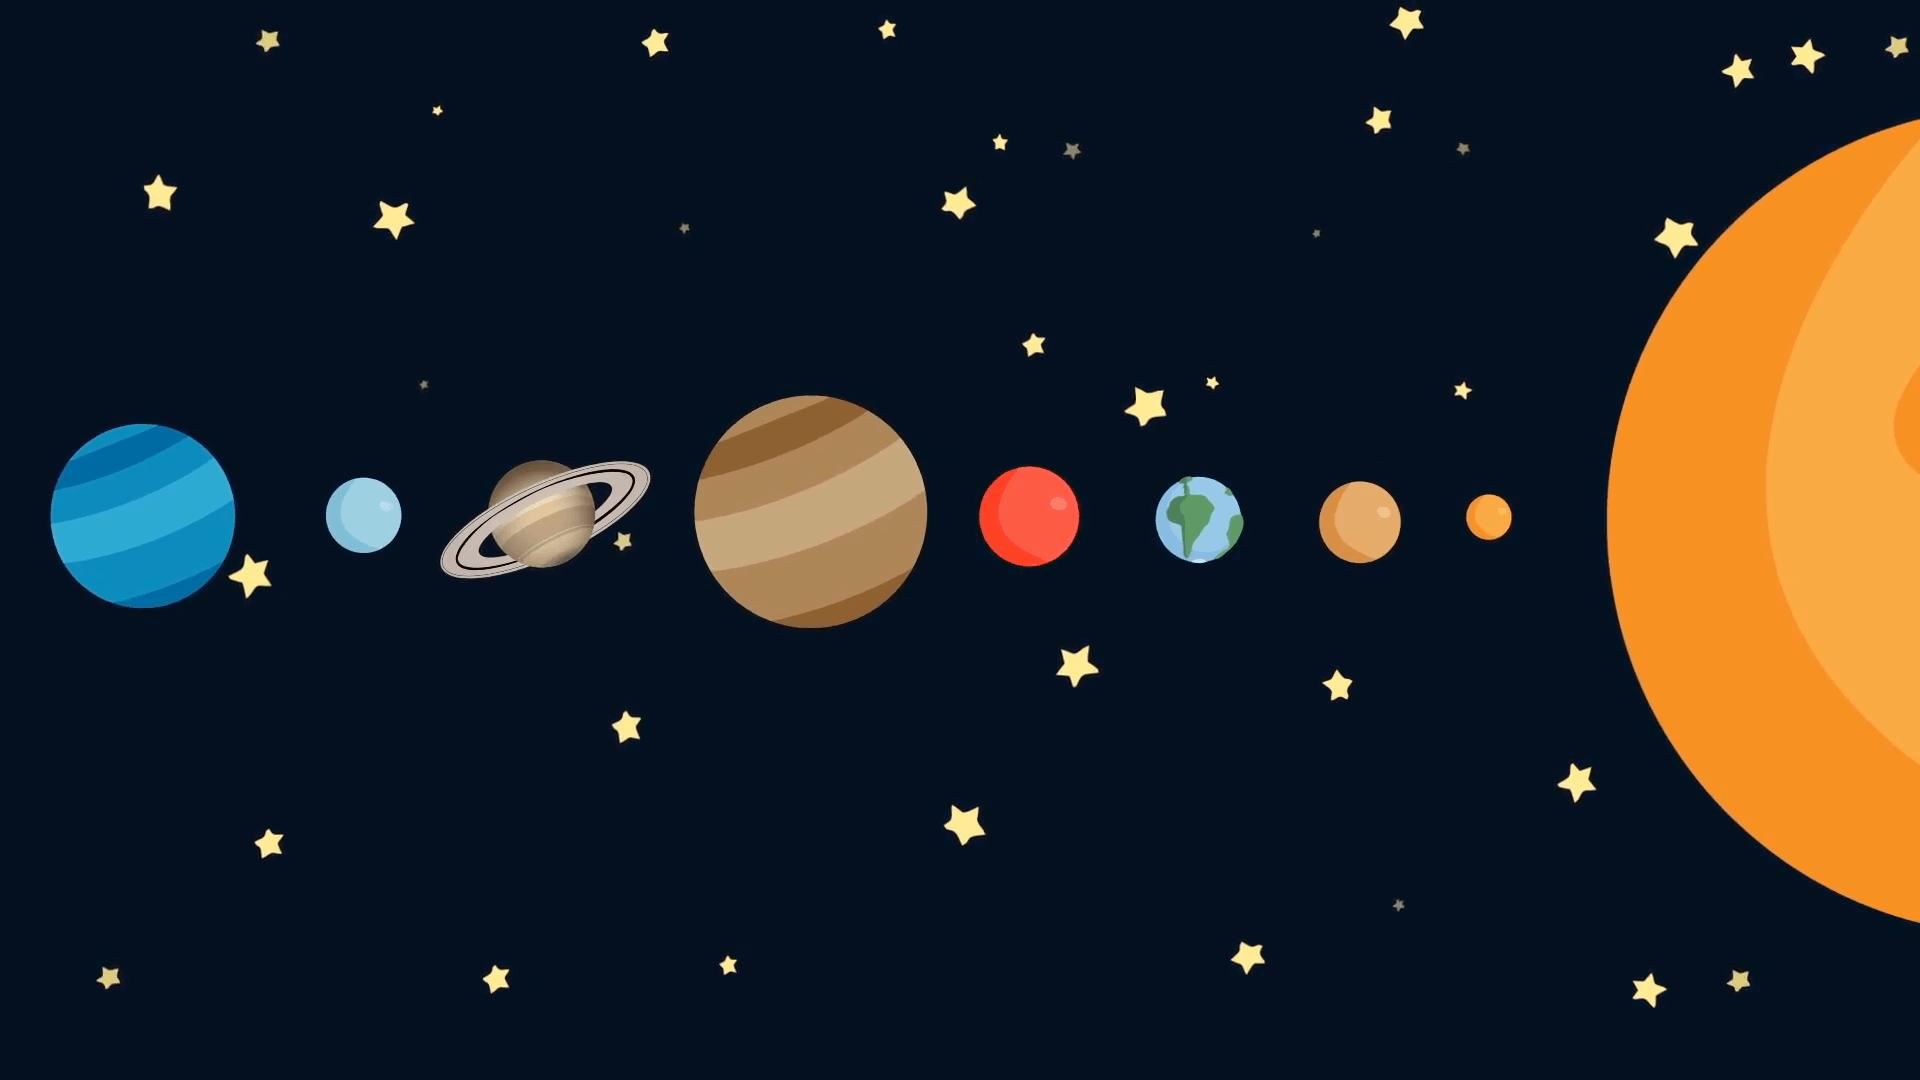 PunjabKesari, PunjabKesari, kundli dosh Maarak grah, Planets, Navgrah, नवग्रह, Kundli, Horoscope, Jyotish Gyan, Jyotish Upay, Jyotish, Astrology, Astrology In hindi